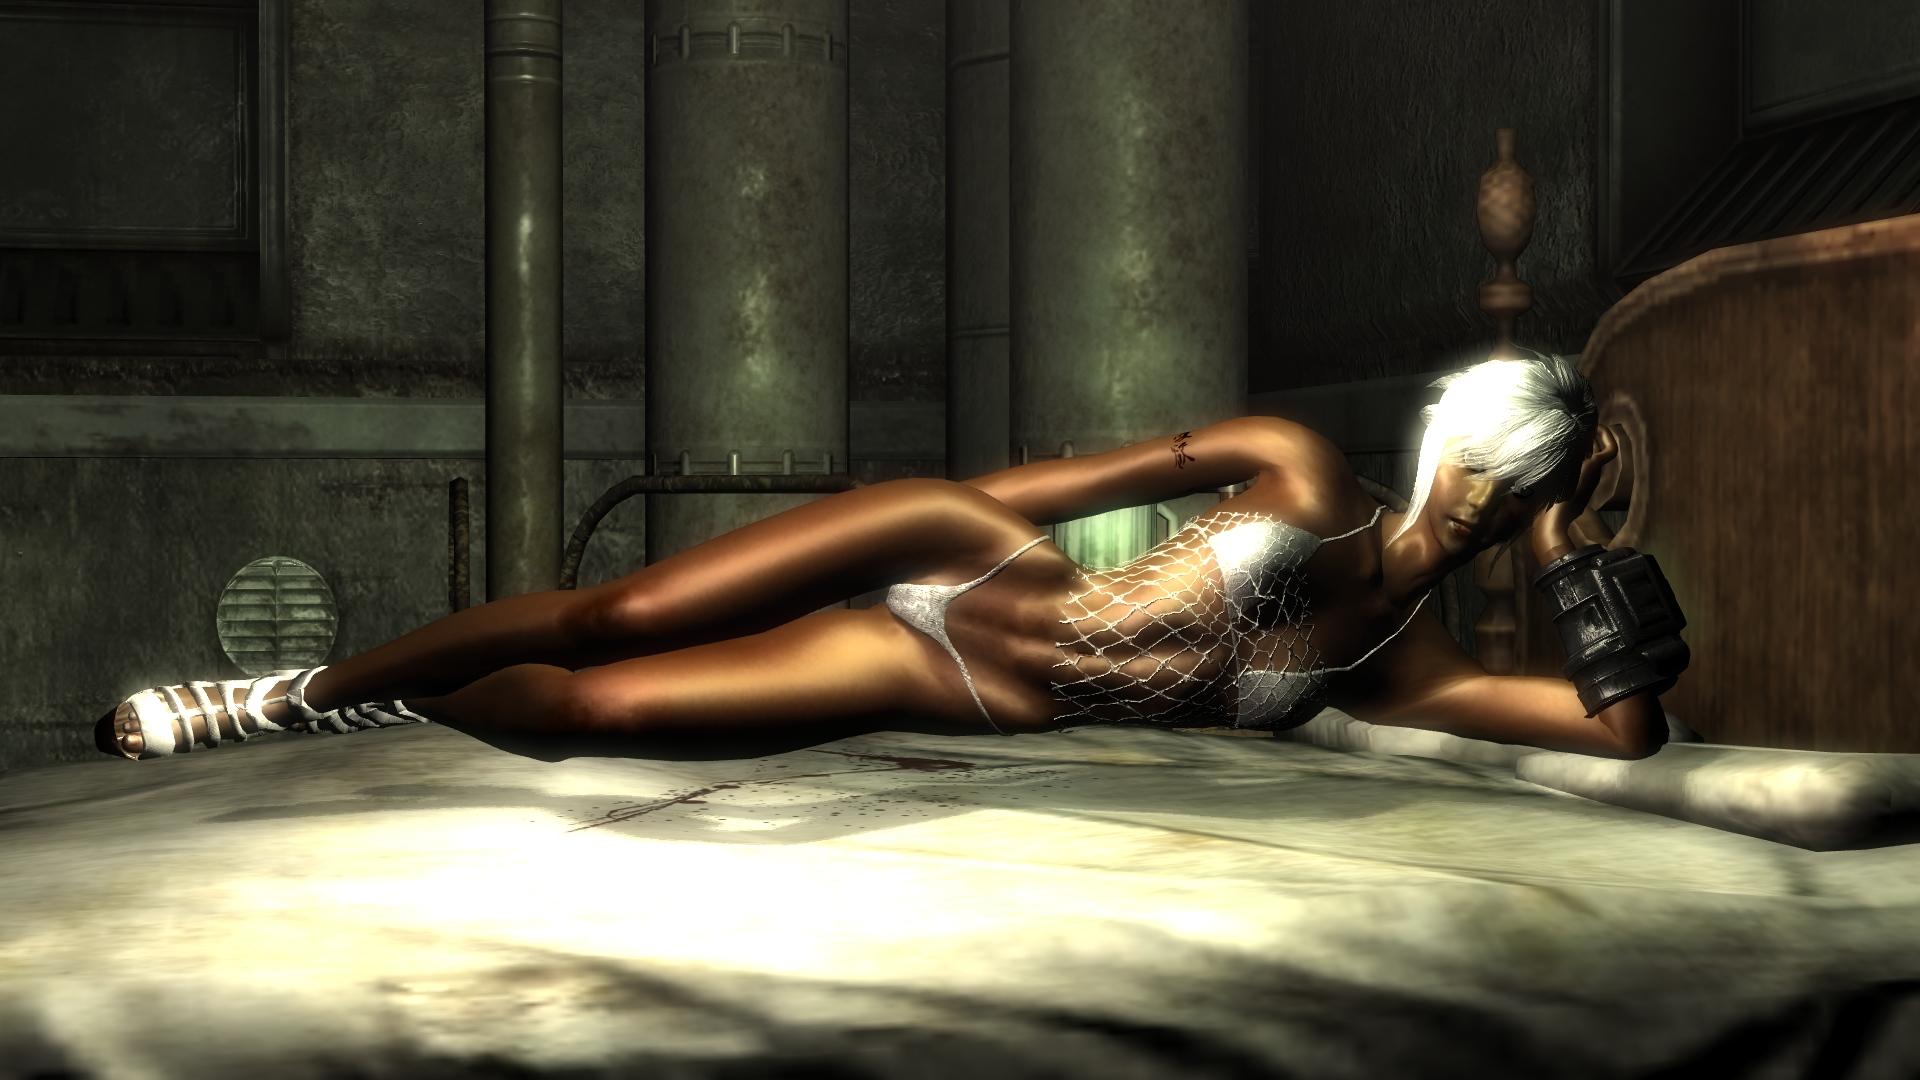 NEOX GAMES Una joven se desnuda mientras jugaba